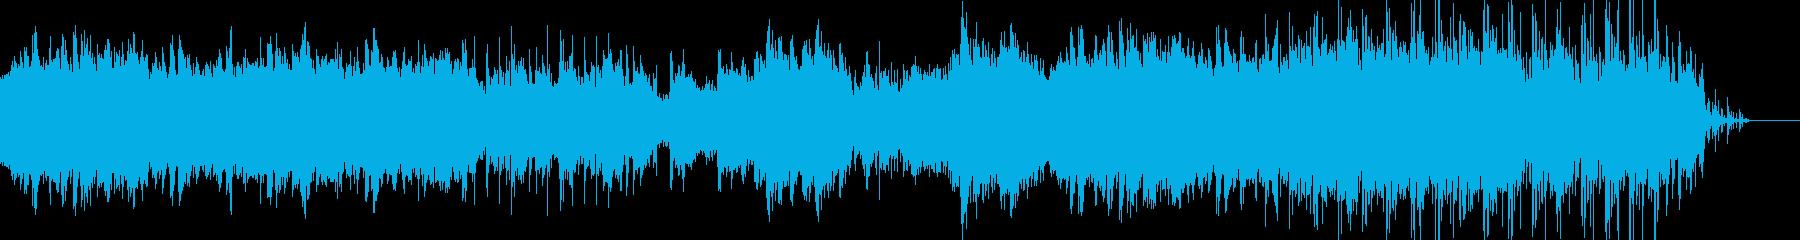 映像のためのアンビエントポップー木星の再生済みの波形